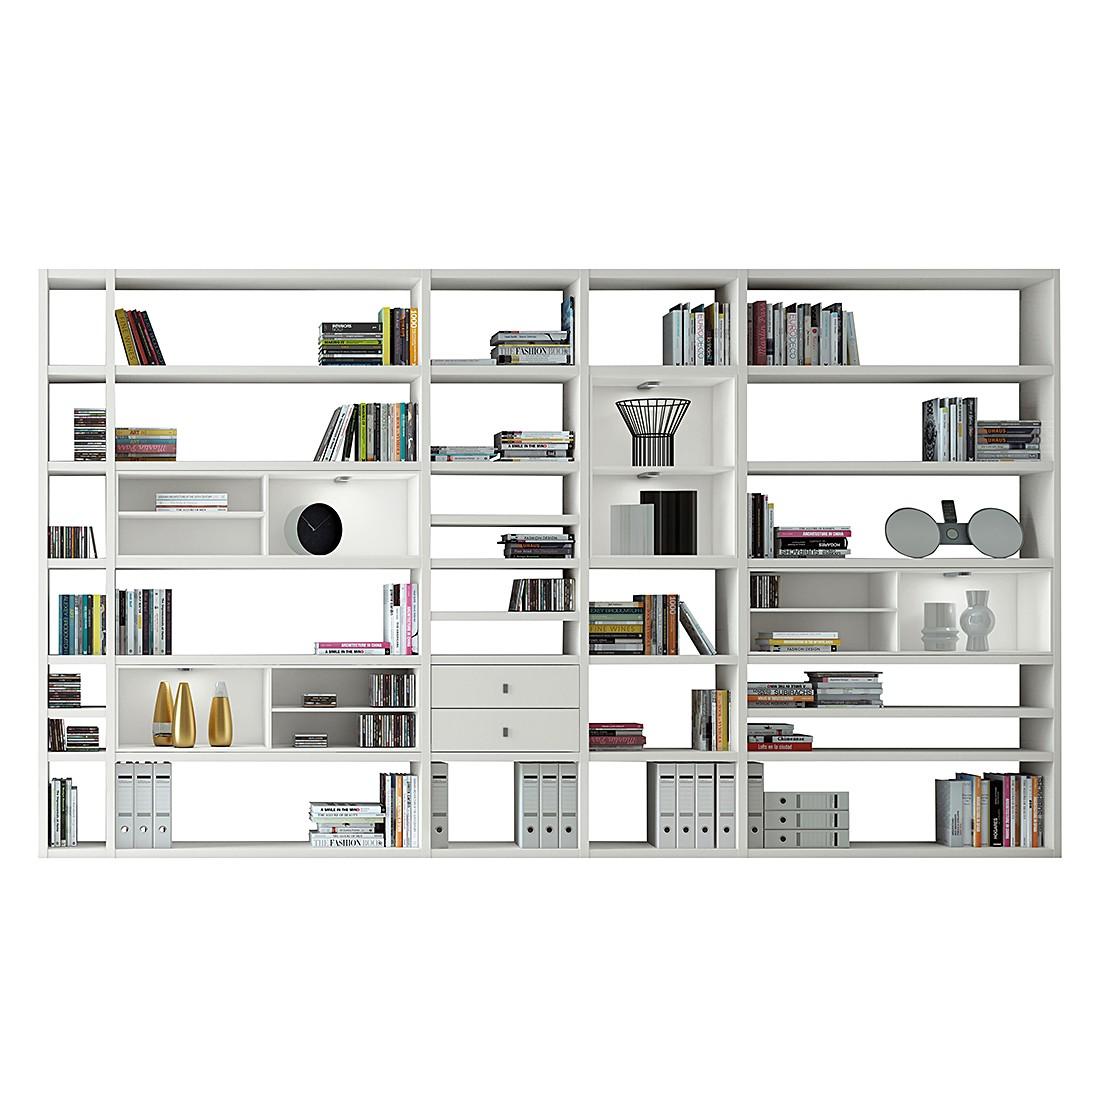 XXL Regalwand Emporior II – Hochglanz Weiß Mit Beleuchtung, loftscape günstig kaufen